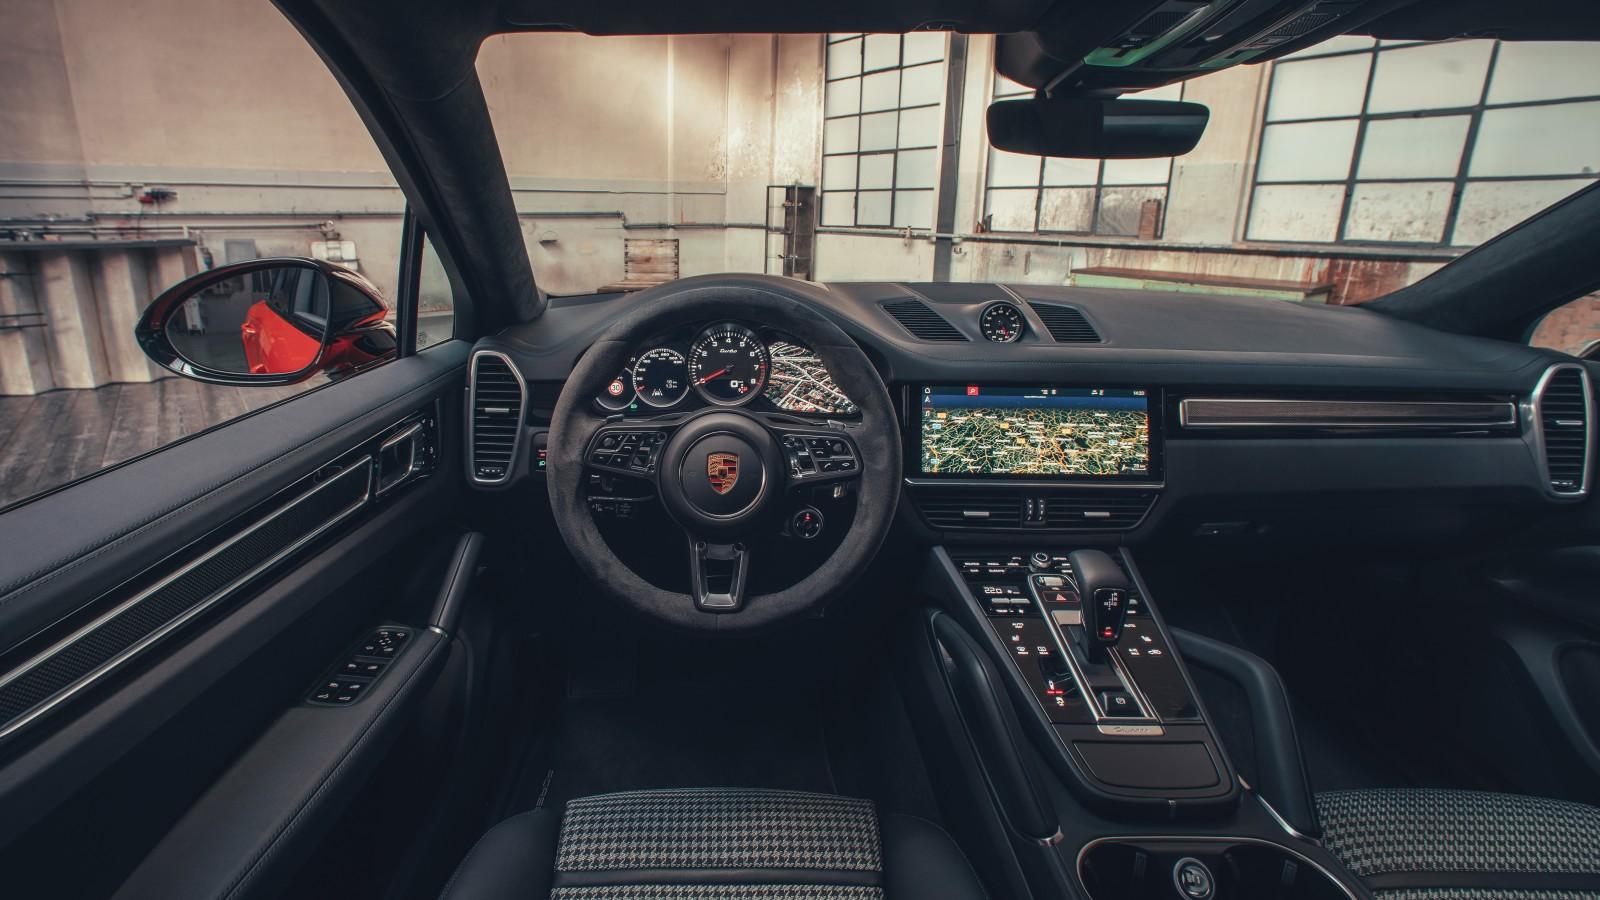 Porsche Cayenne Turbo Specs